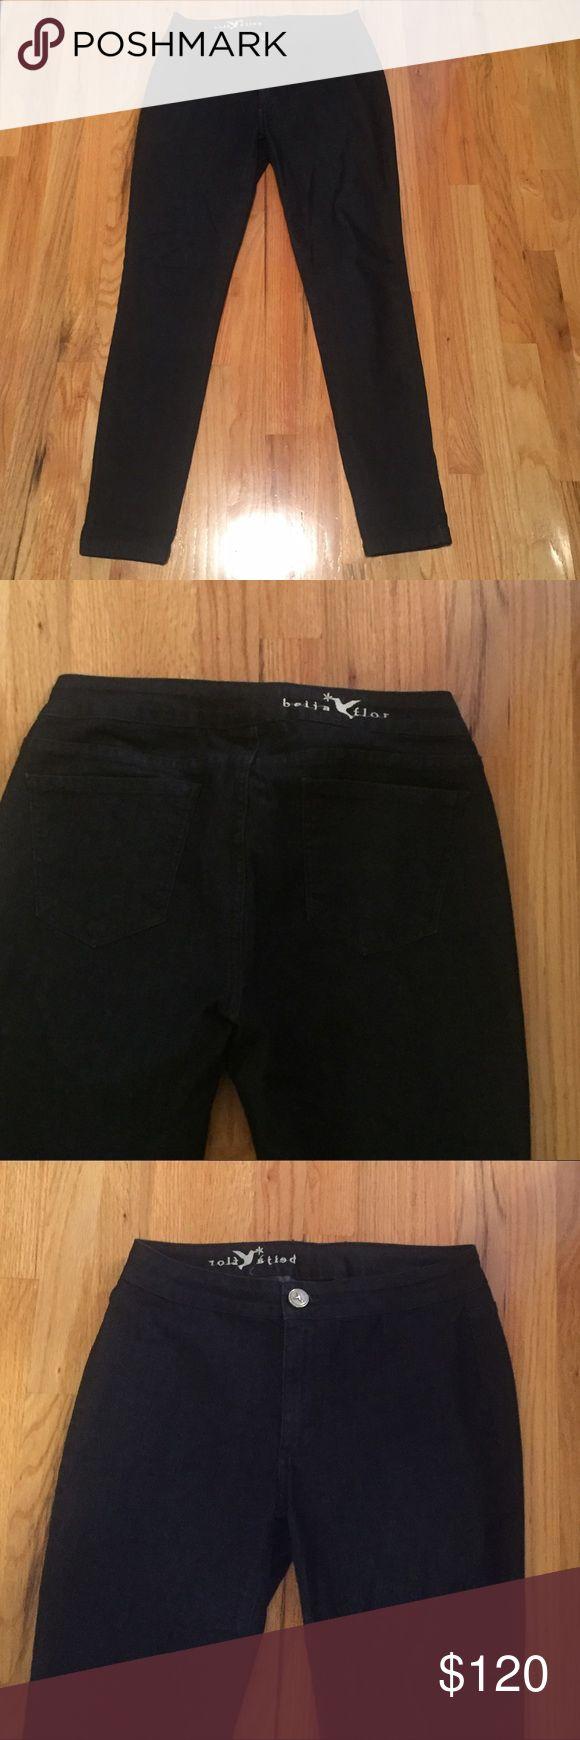 NWOT BEIJA FLOR - dark denim jeans NWOT BEIJA FLOR dark denim jeans - Stephanie Blue jegging - excellent condition. Beija Flor Jeans